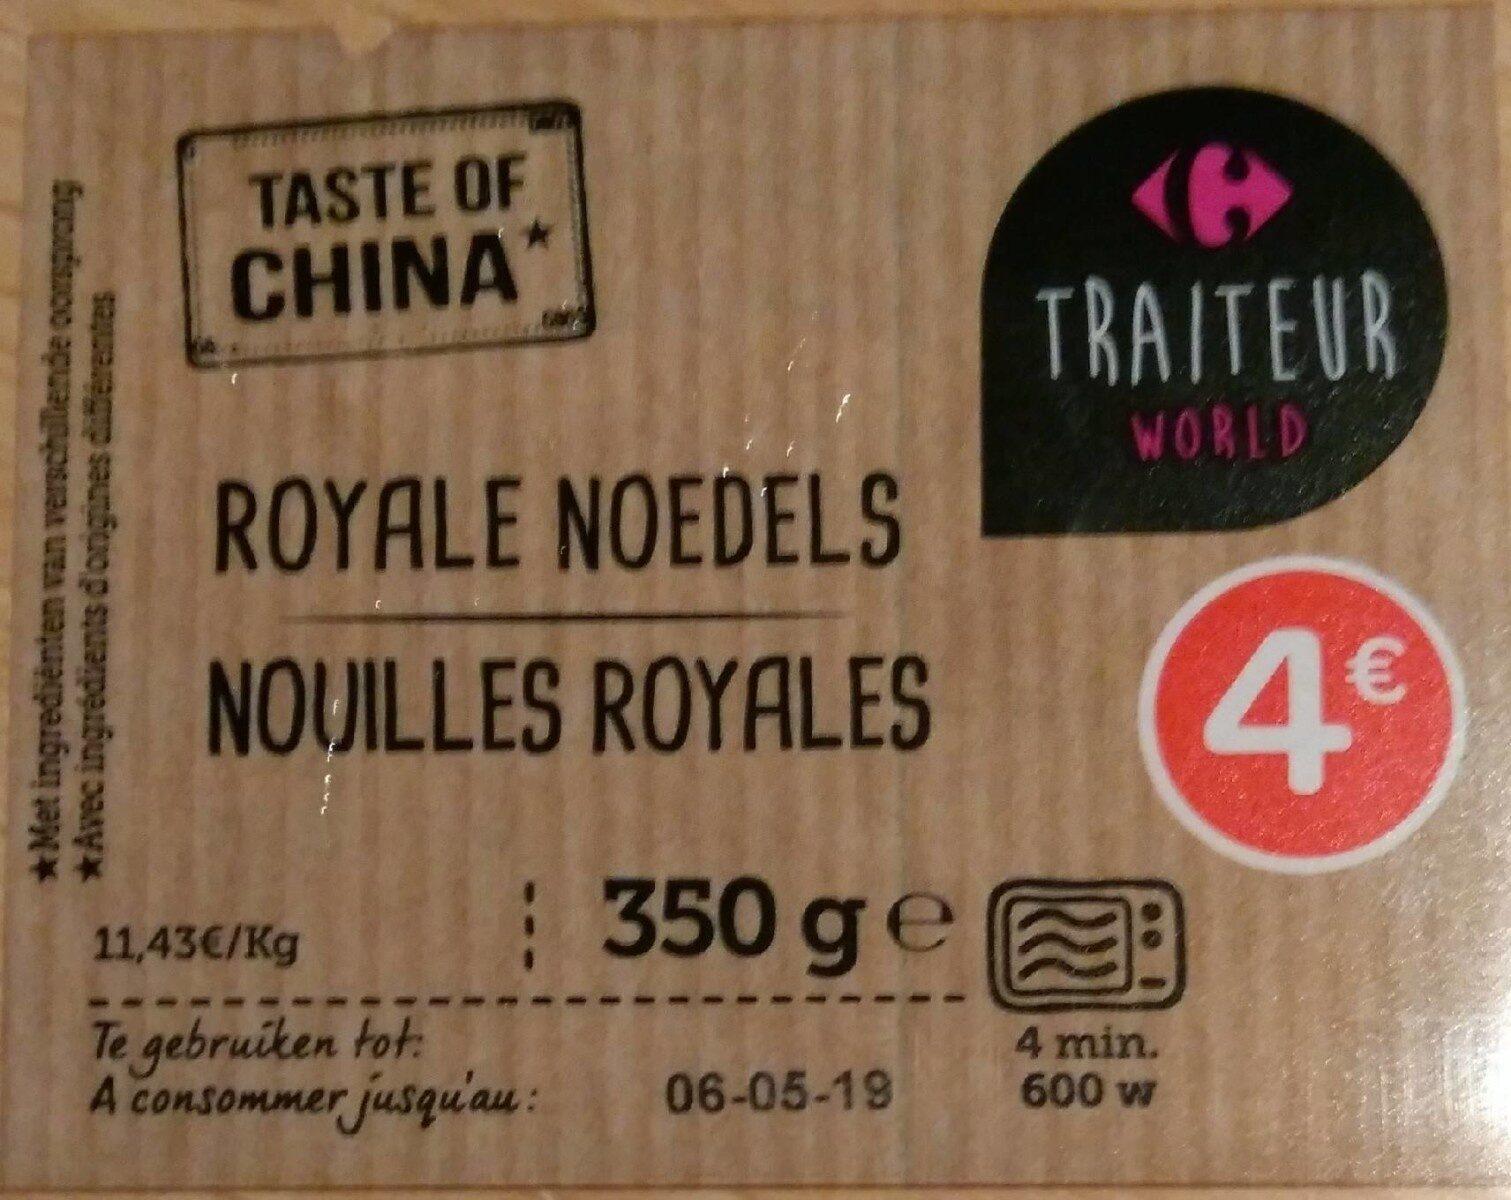 Nouilles royales - Product - fr